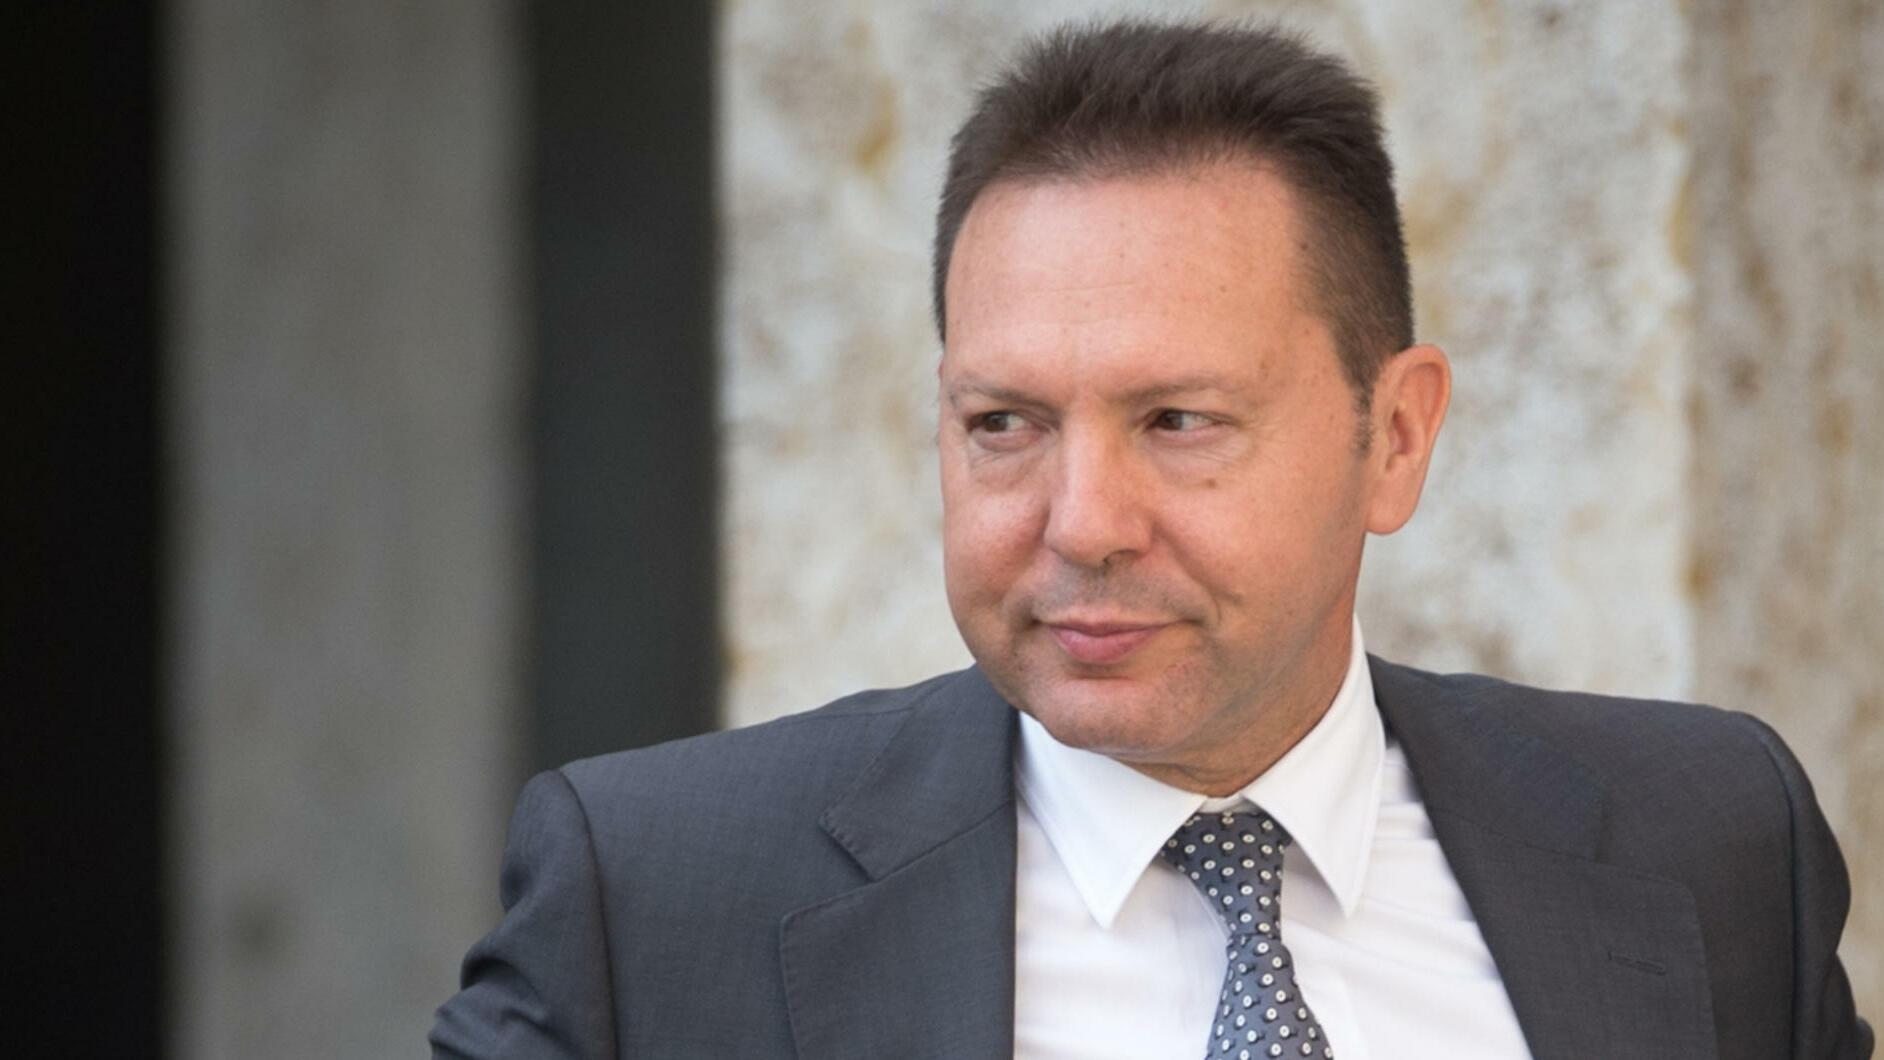 """Politiker zu Griechenland: """"Gestreut, erfunden, konstruiert"""""""